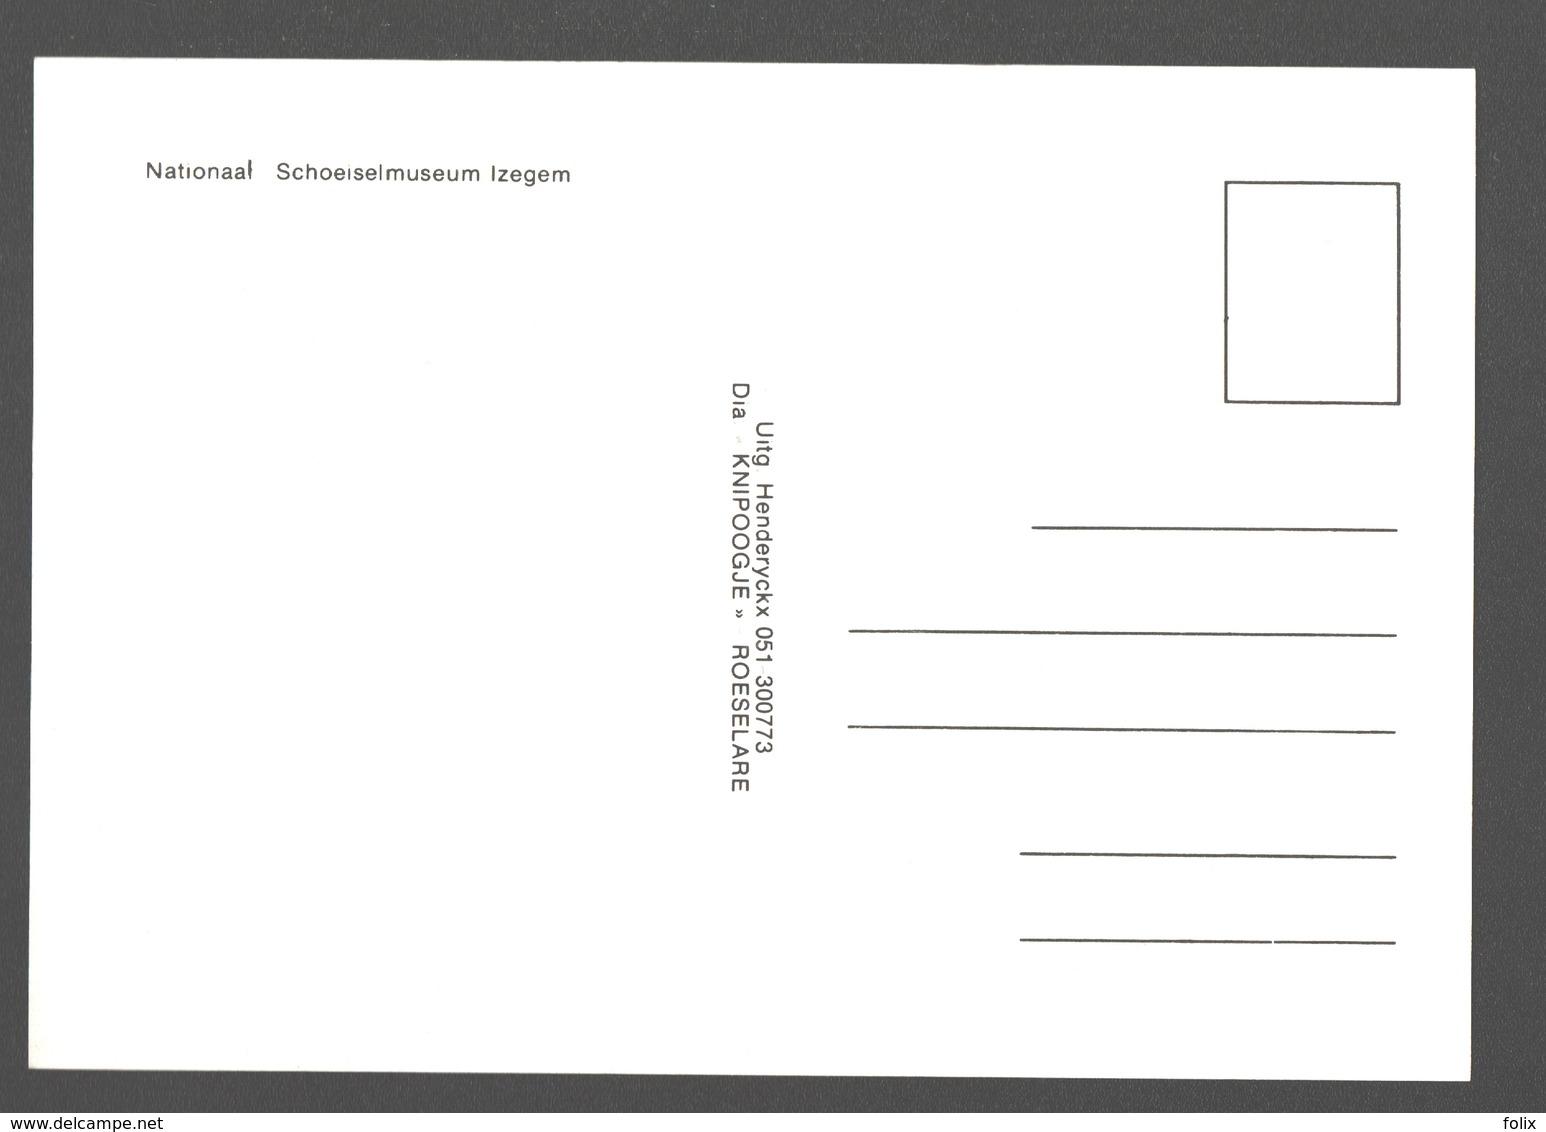 Izegem - Nationaal Schoeiselmuseum - Nieuwstaat - Schoenen / Shoes / Chaussures - Izegem